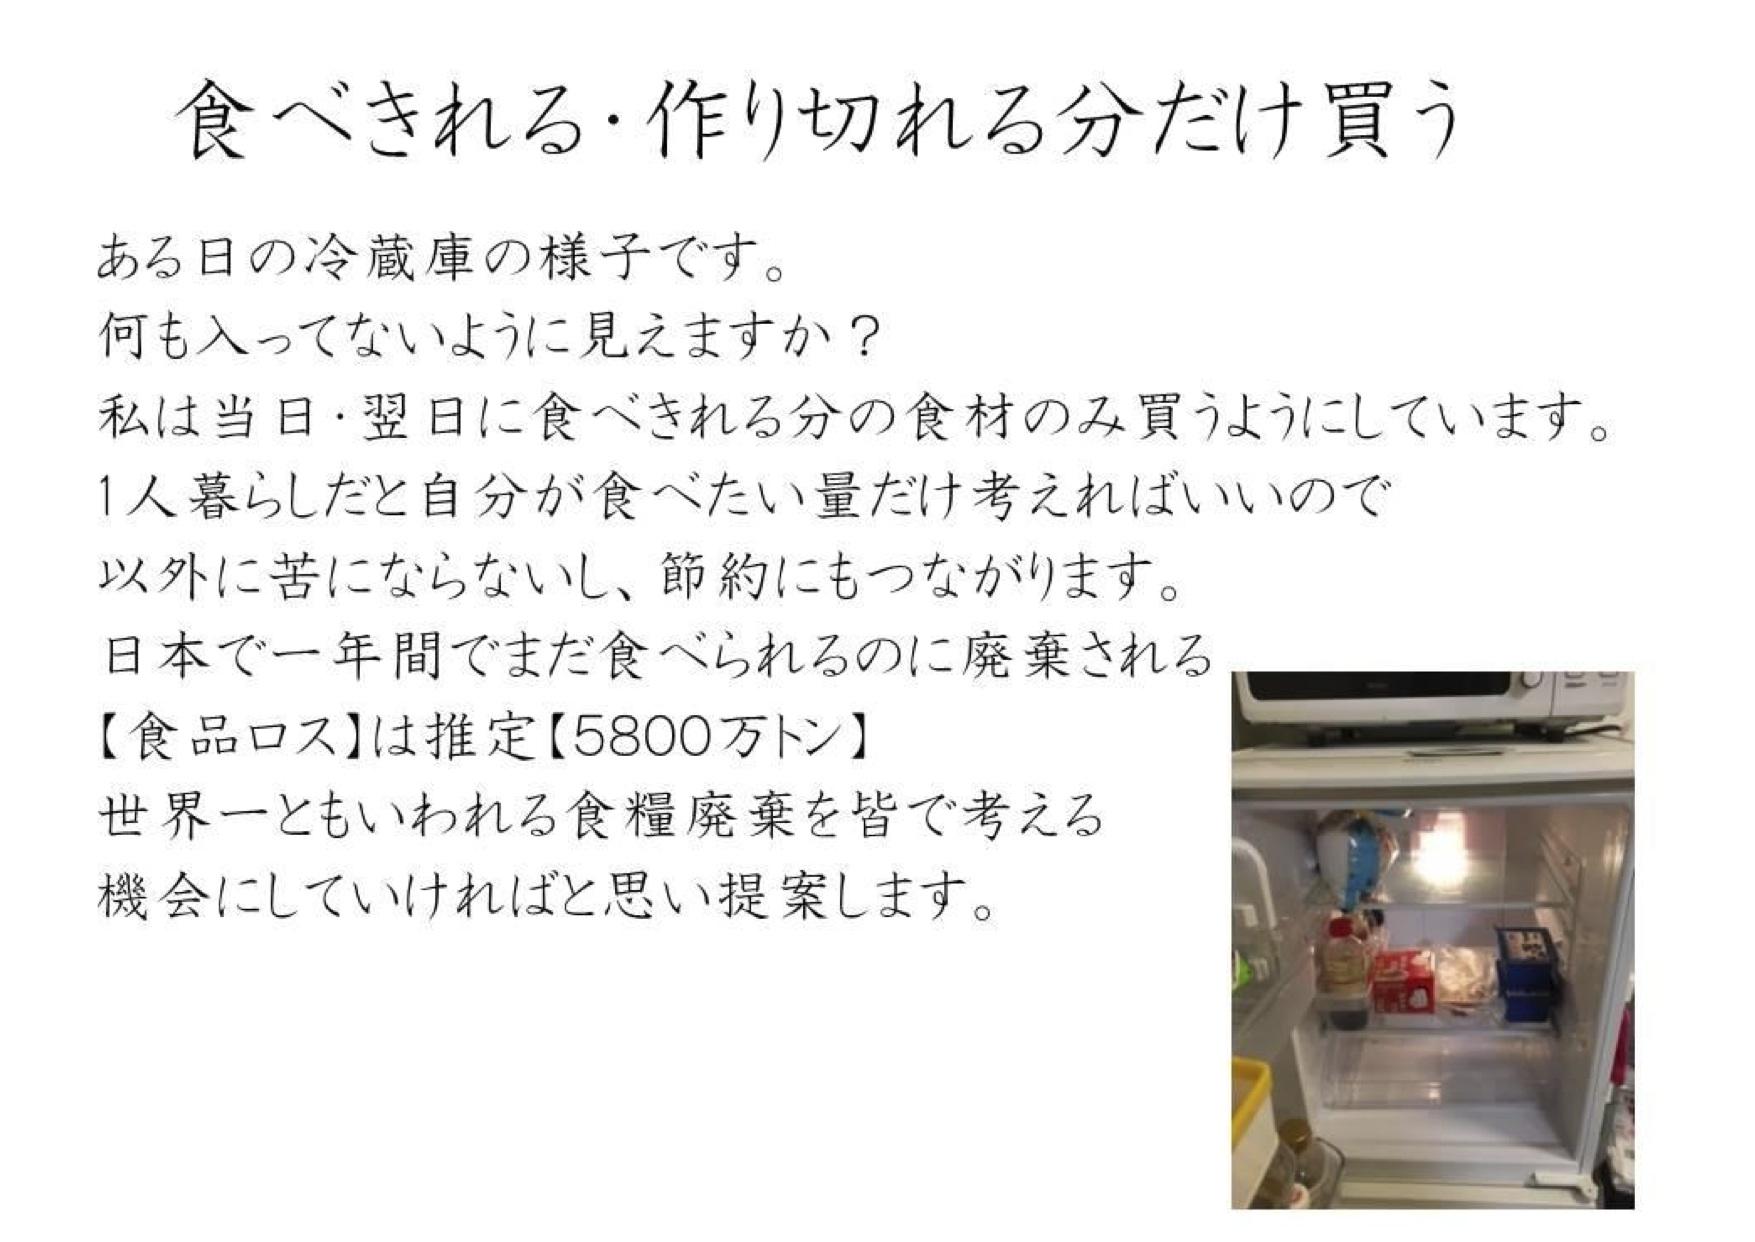 食べきれる・作りきれる分だけ買う 吉野亮太朗